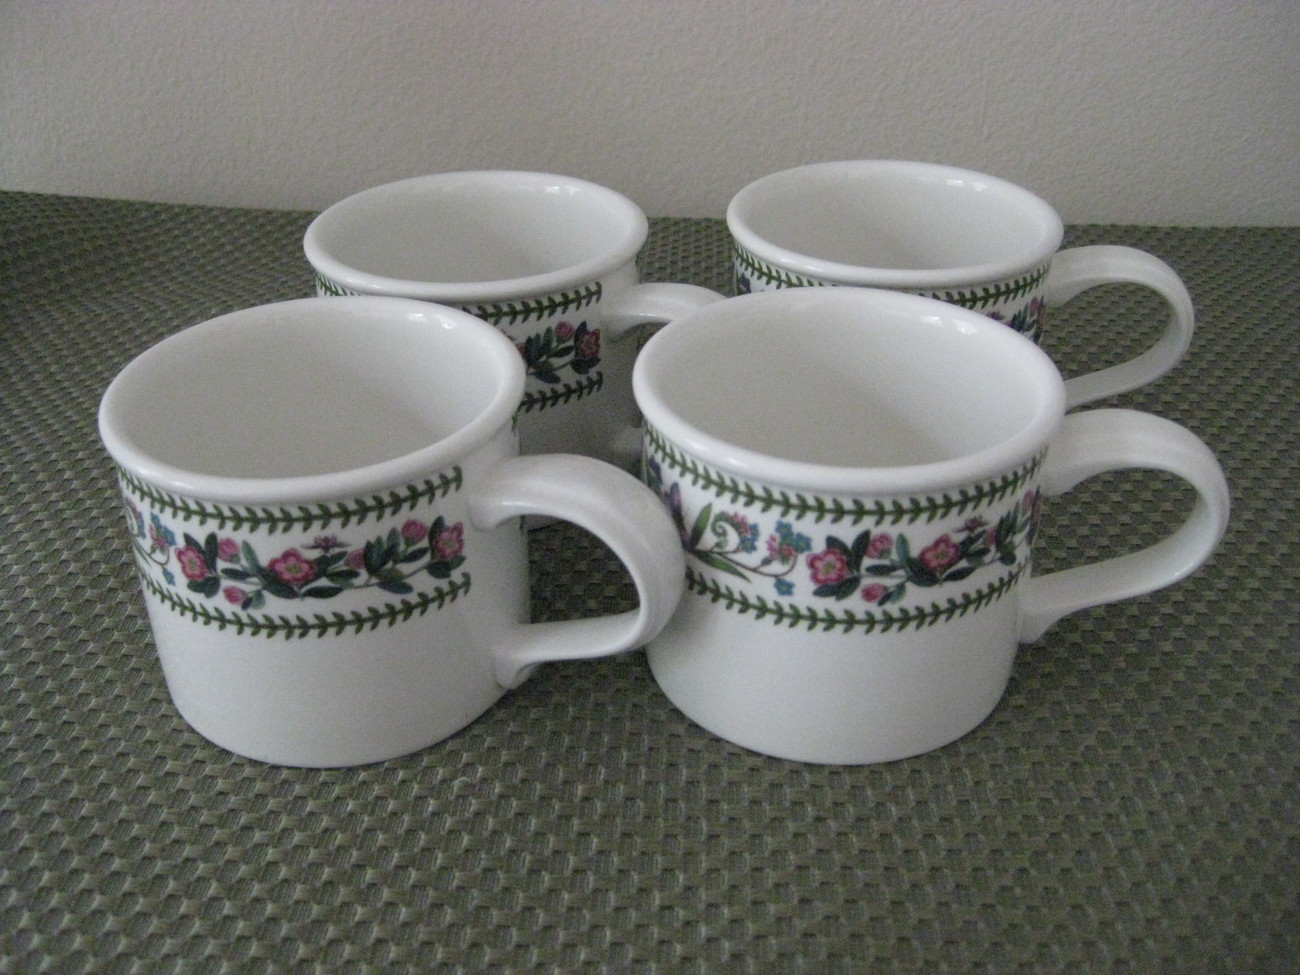 Portmeirion Botanic Garden Variations Set Of 4 Coffee Mugs Euc Portmeirion